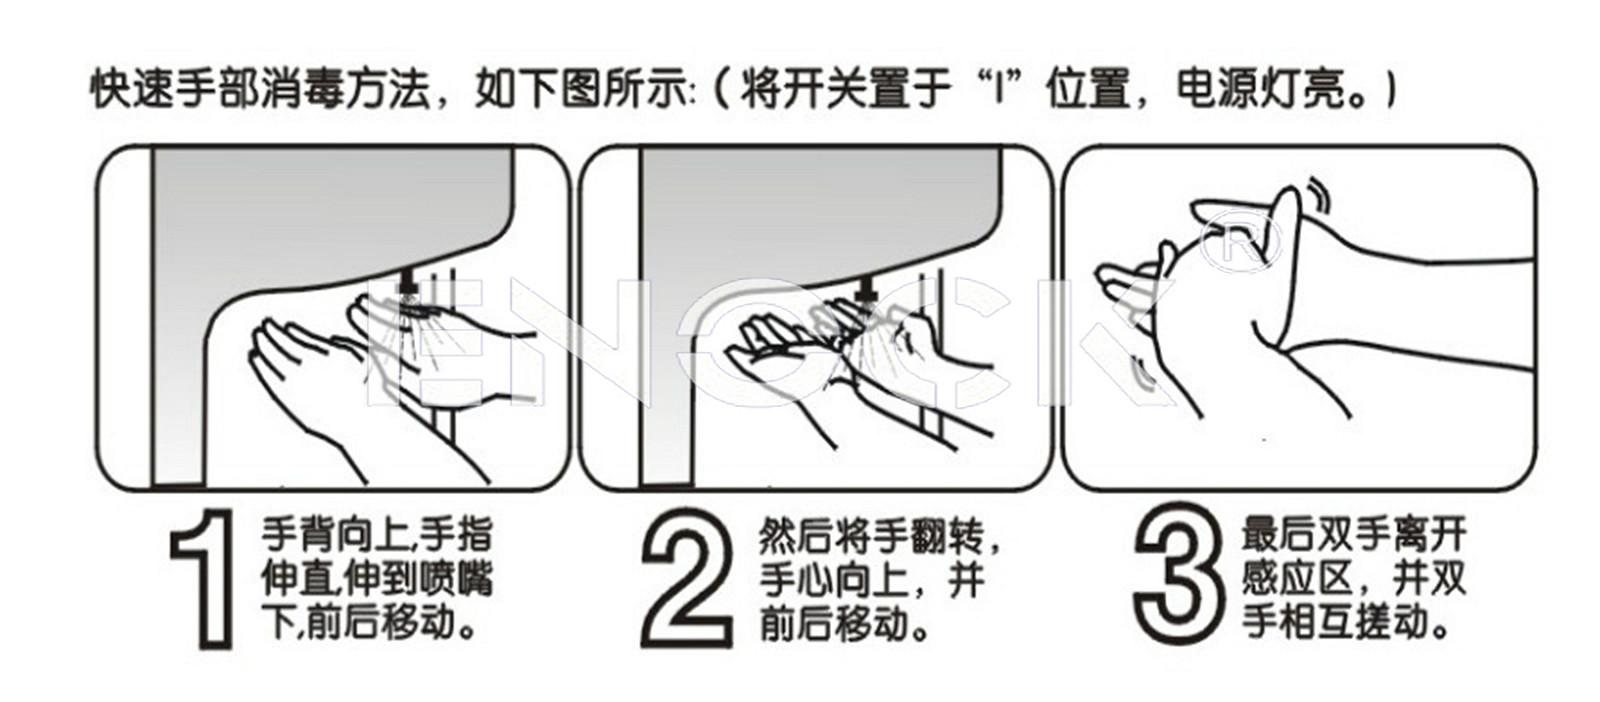 EK-6915使用方法